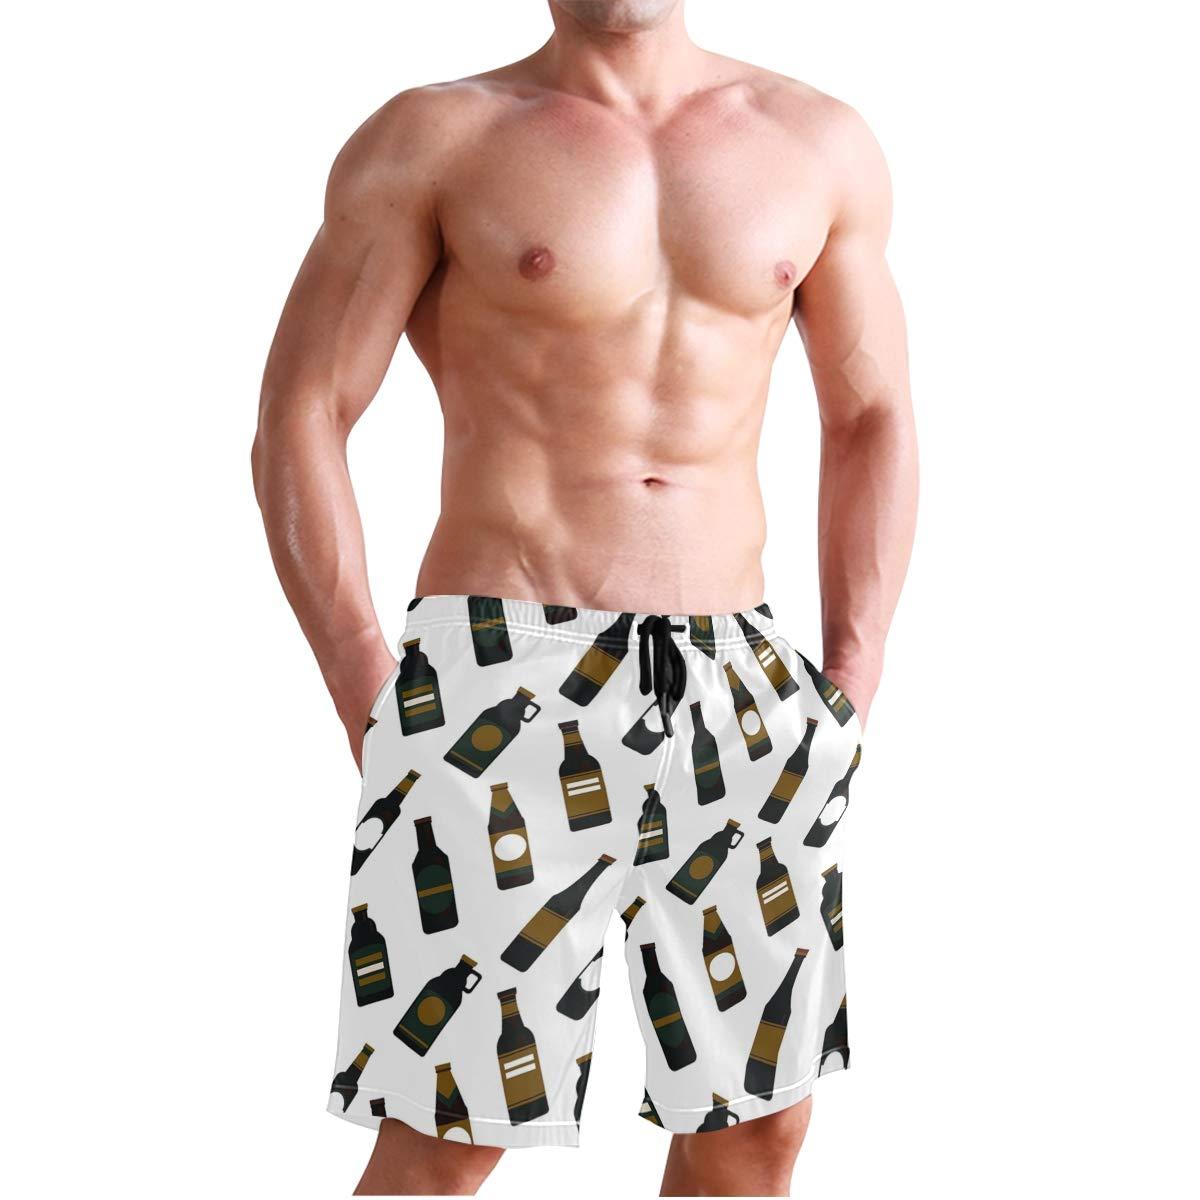 JTKPE Mens Swim Trunks Beach Shorts Alochol Bottle Board Shorts Bathing Suit